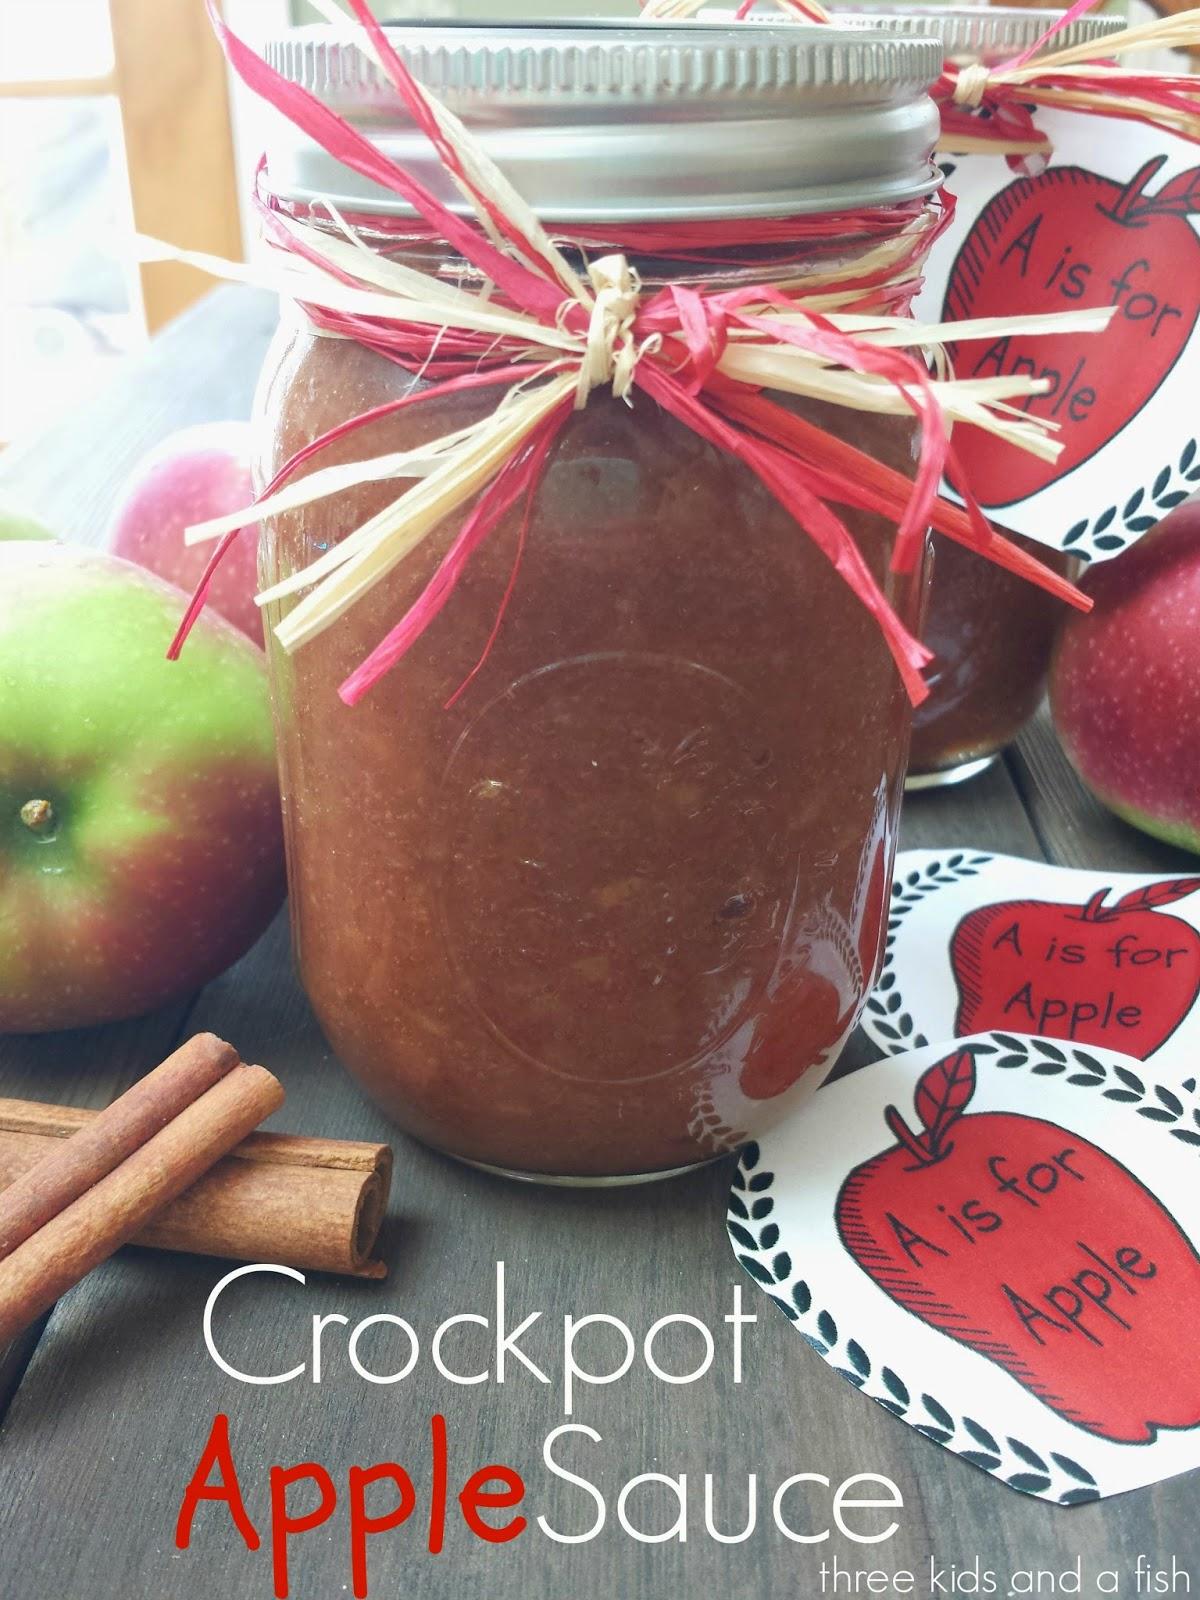 crock pot applesauce with tag